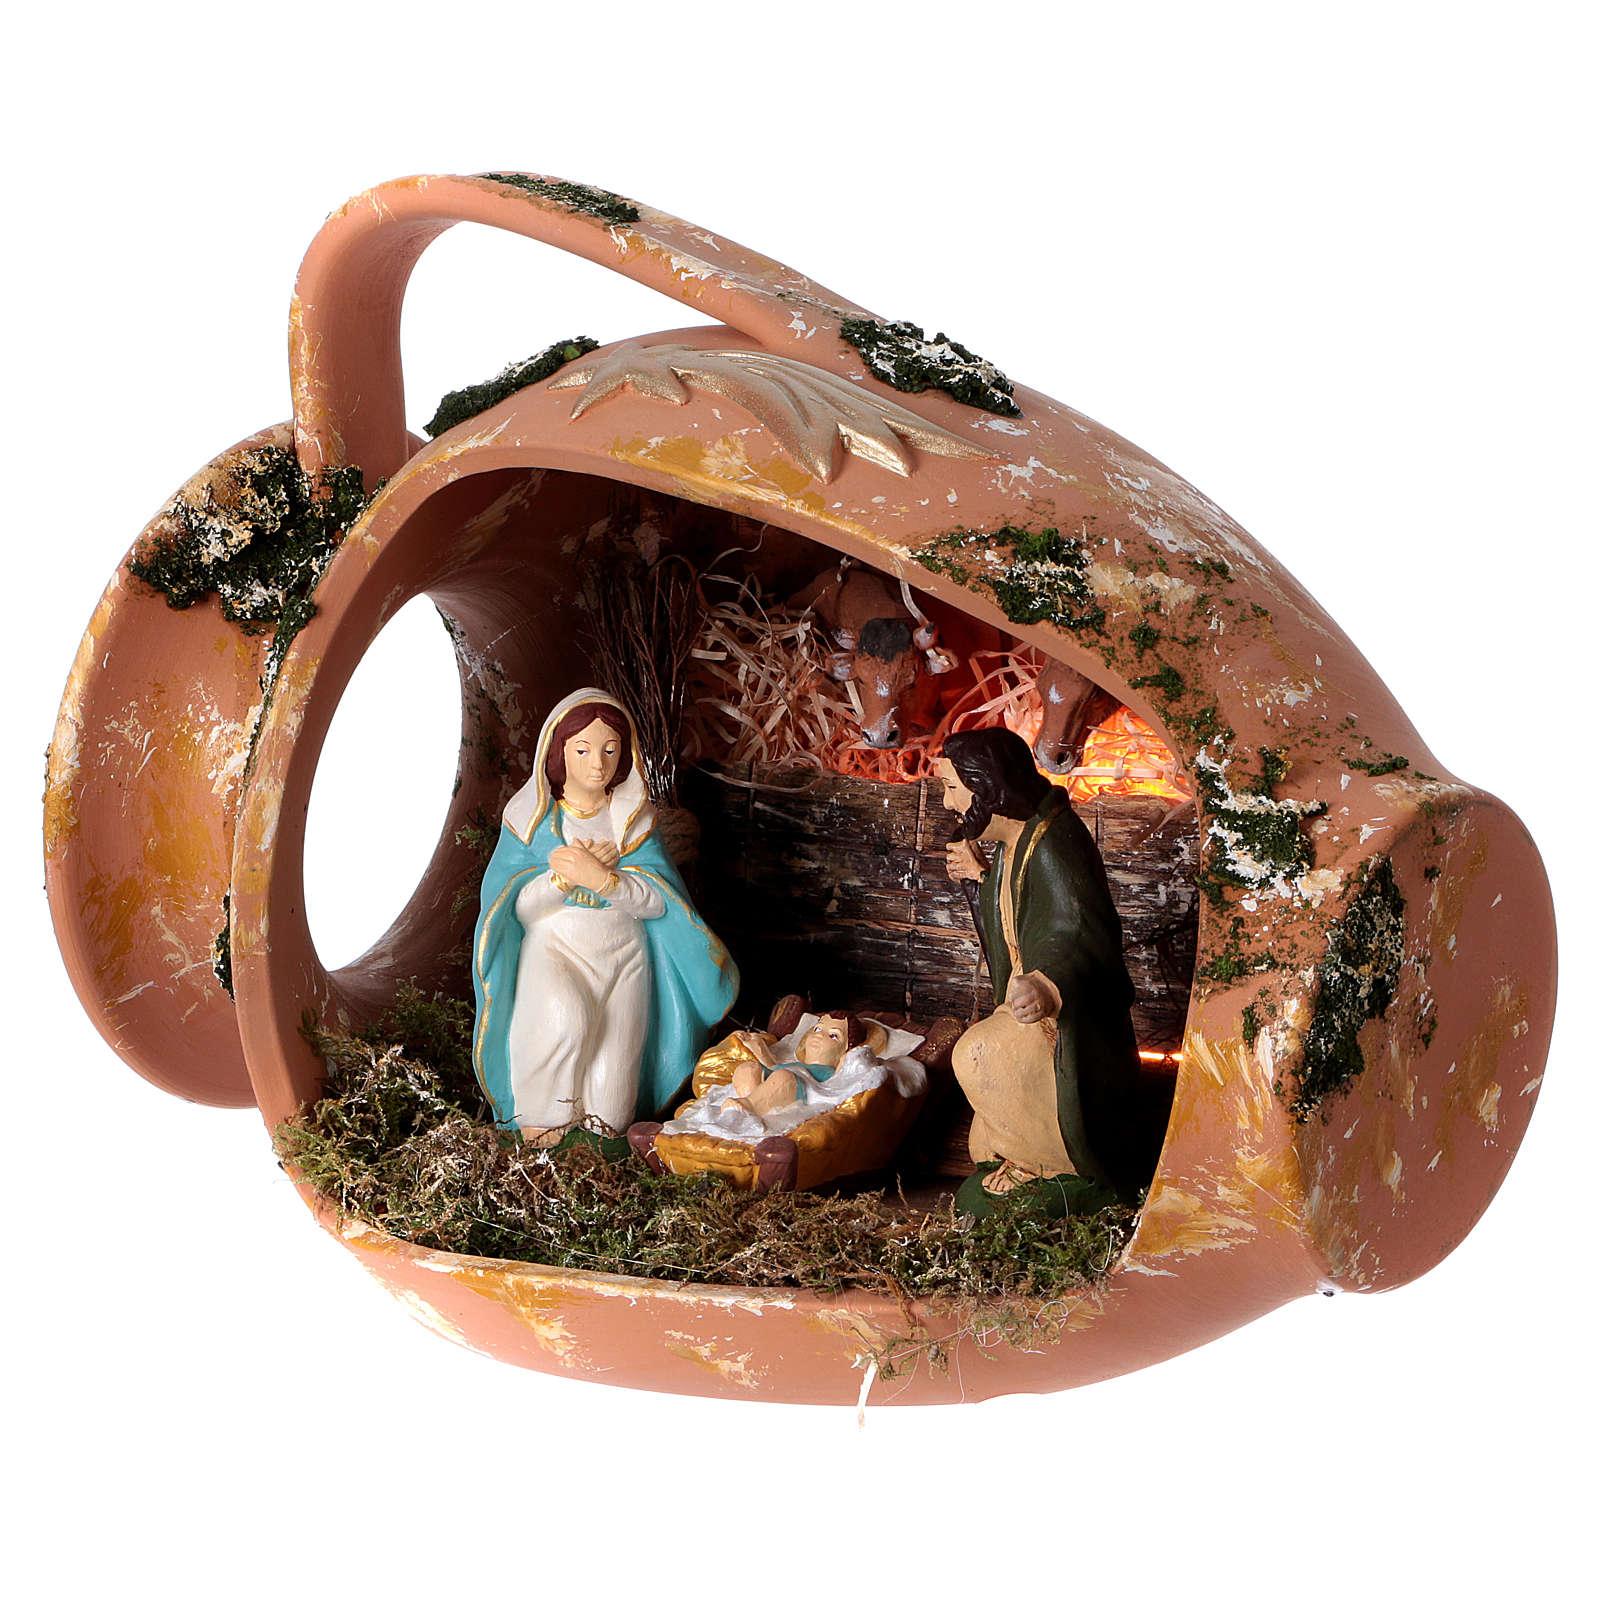 Sideways Amphora with Nativity Scene in terracotta Deruta 4